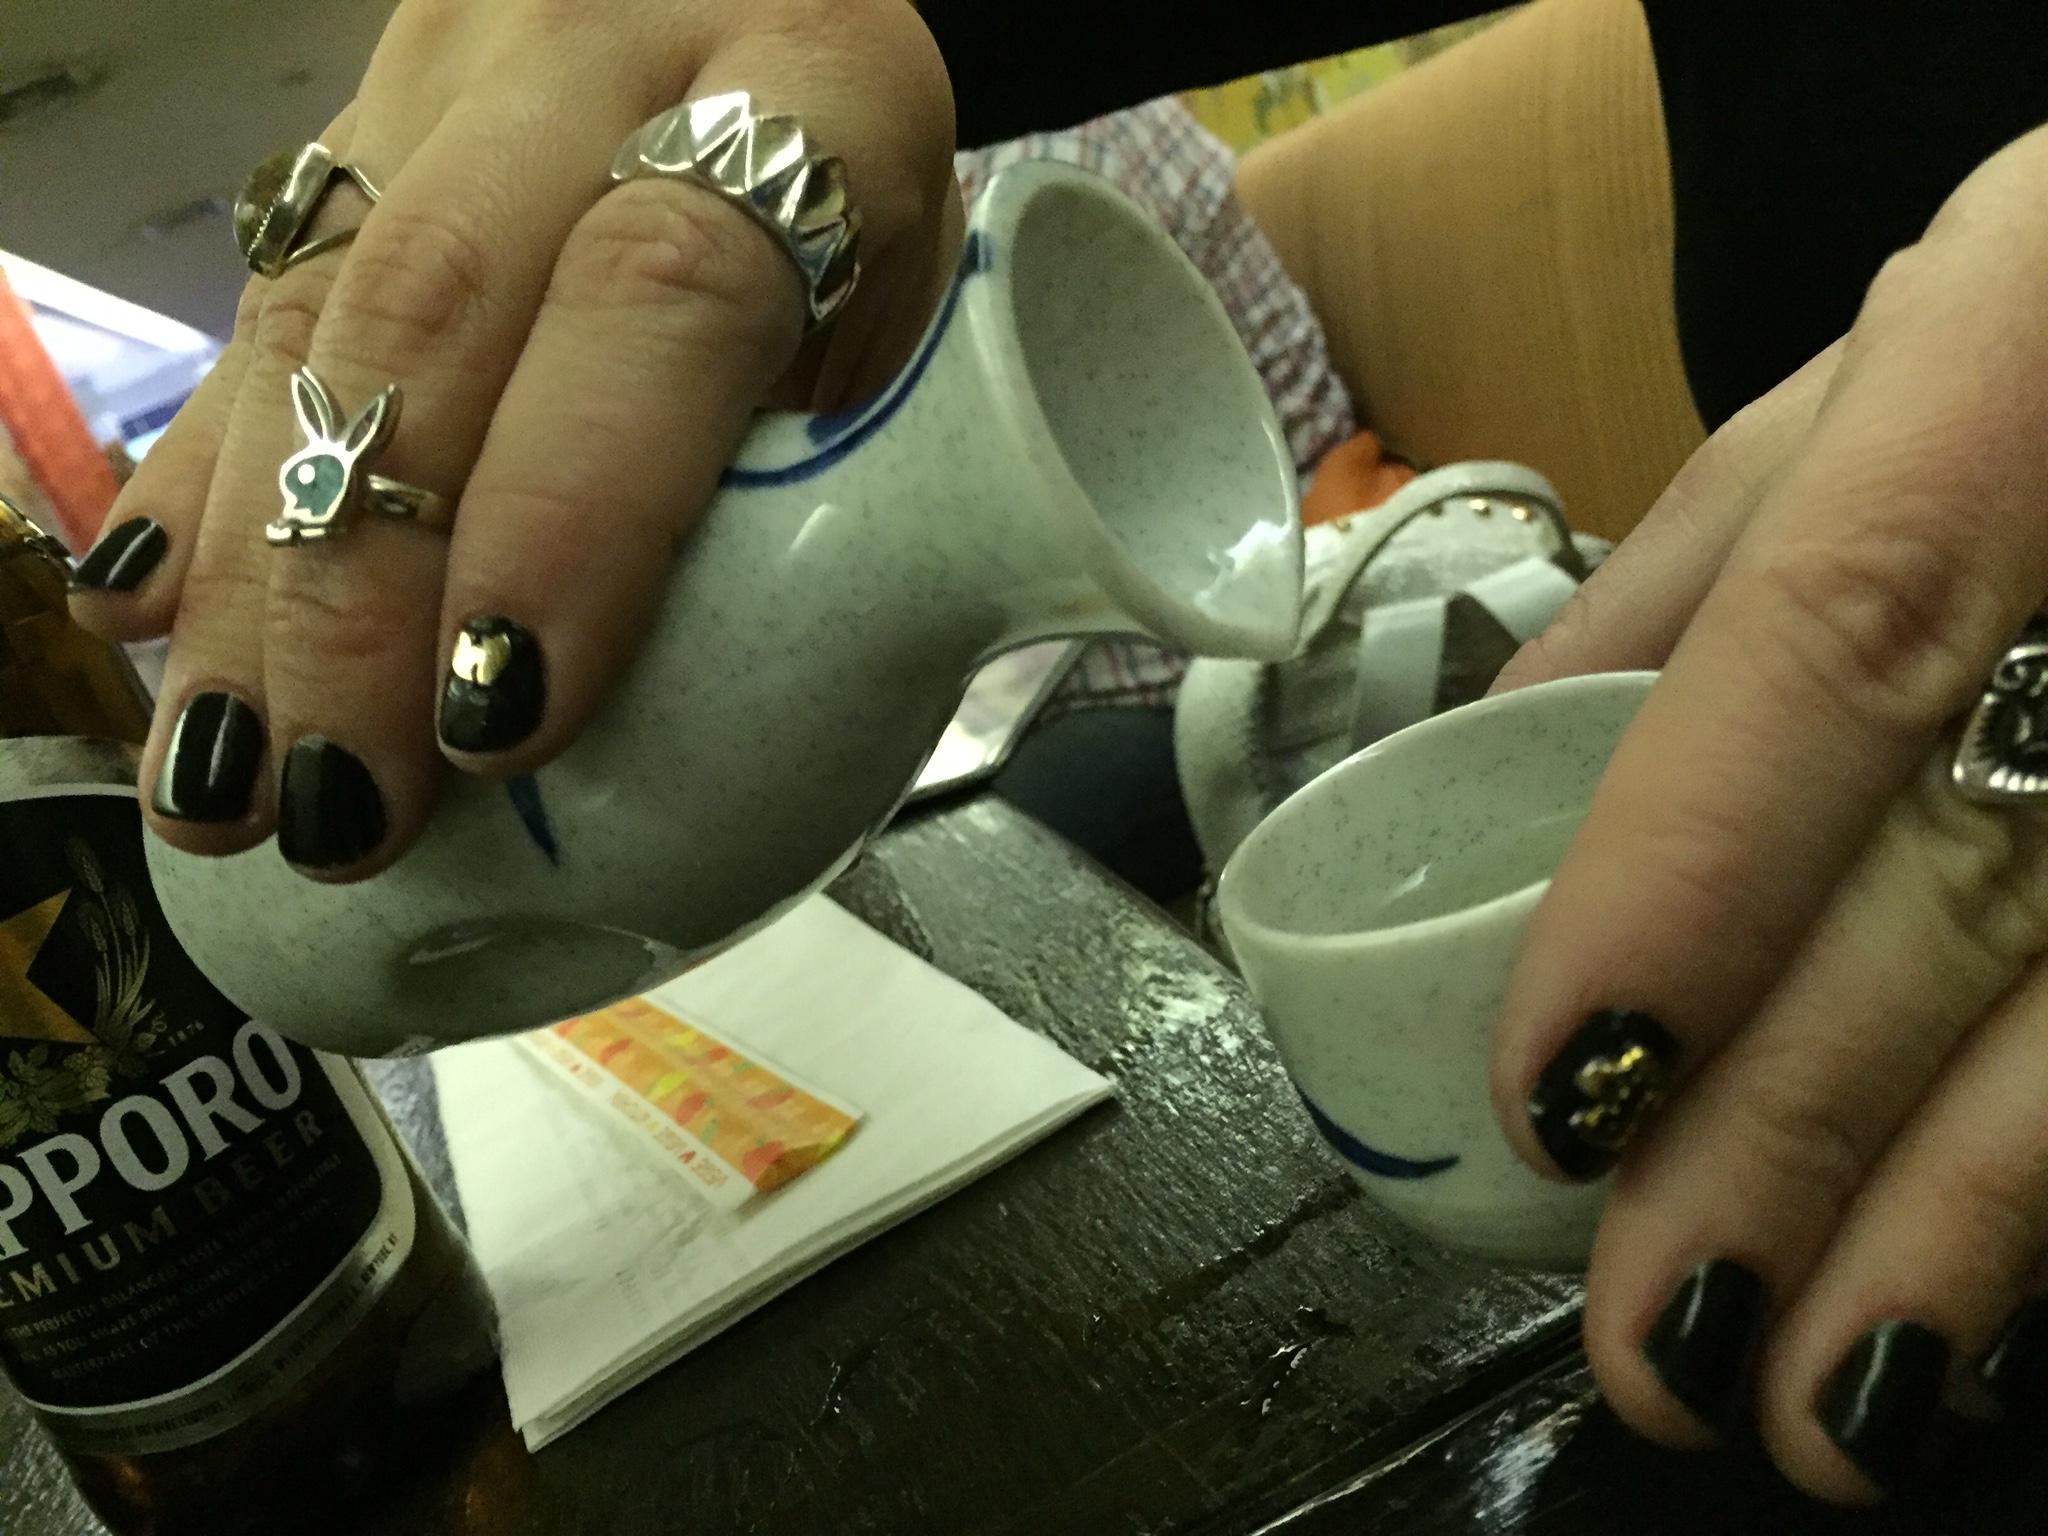 Pour Sake while your mani slays